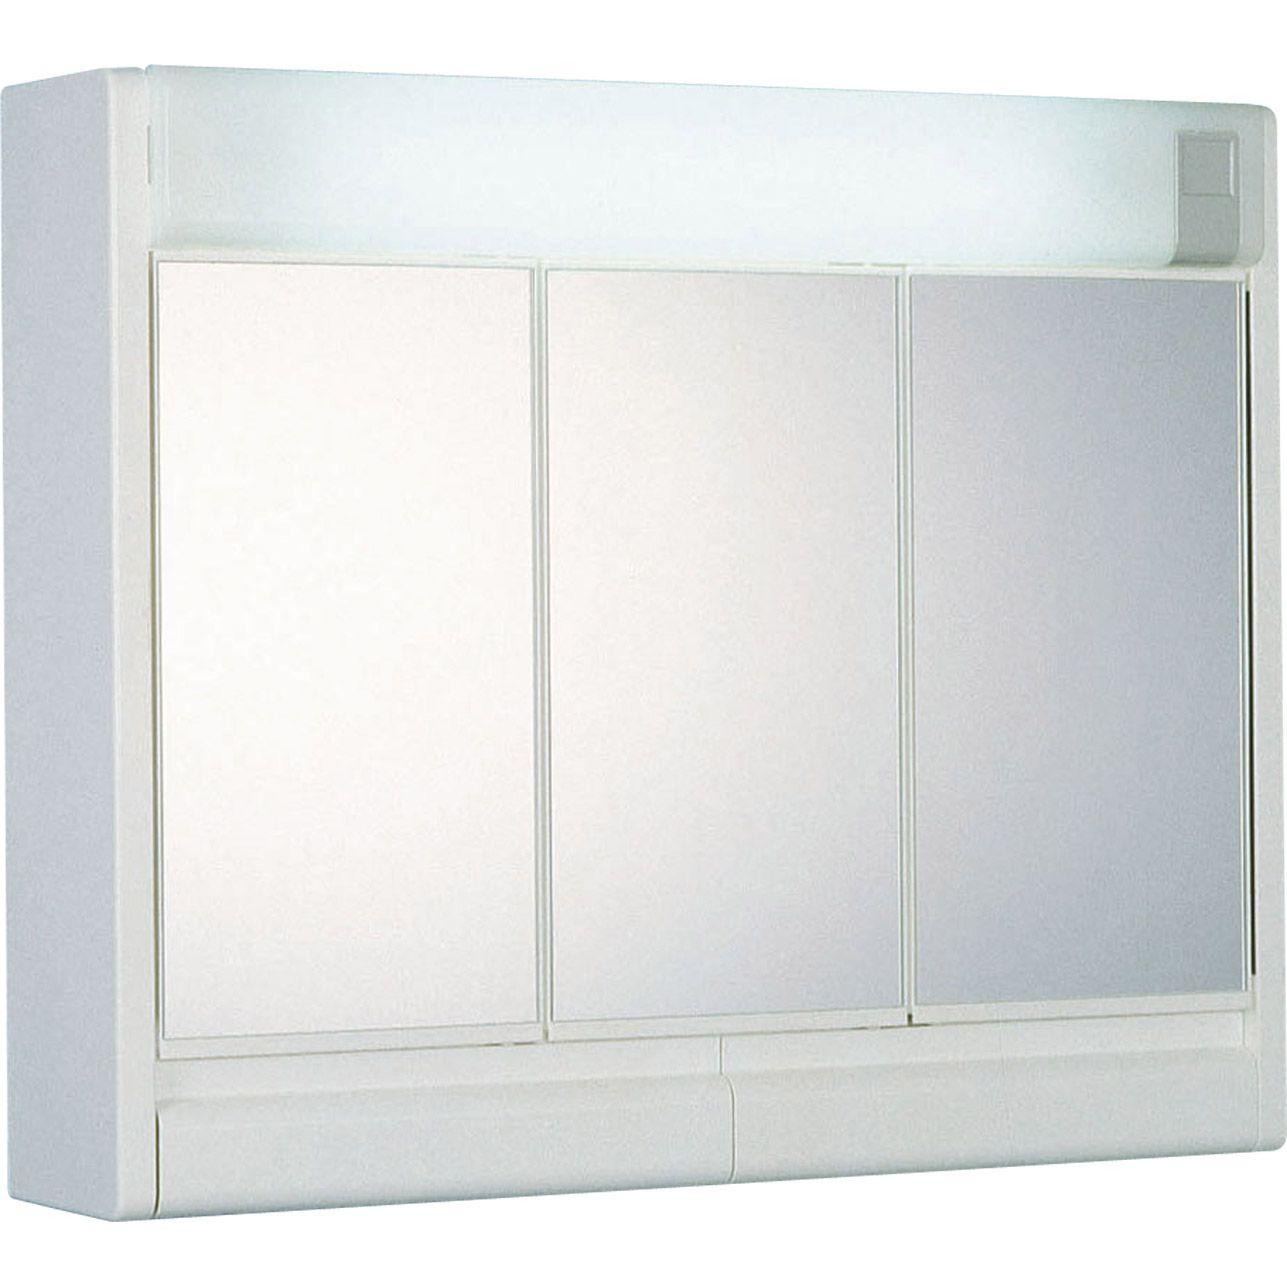 Type De Produit Propose De Toilette Lumineuse Miroir Conforama Armoire De Toilette Mobilier De Salon